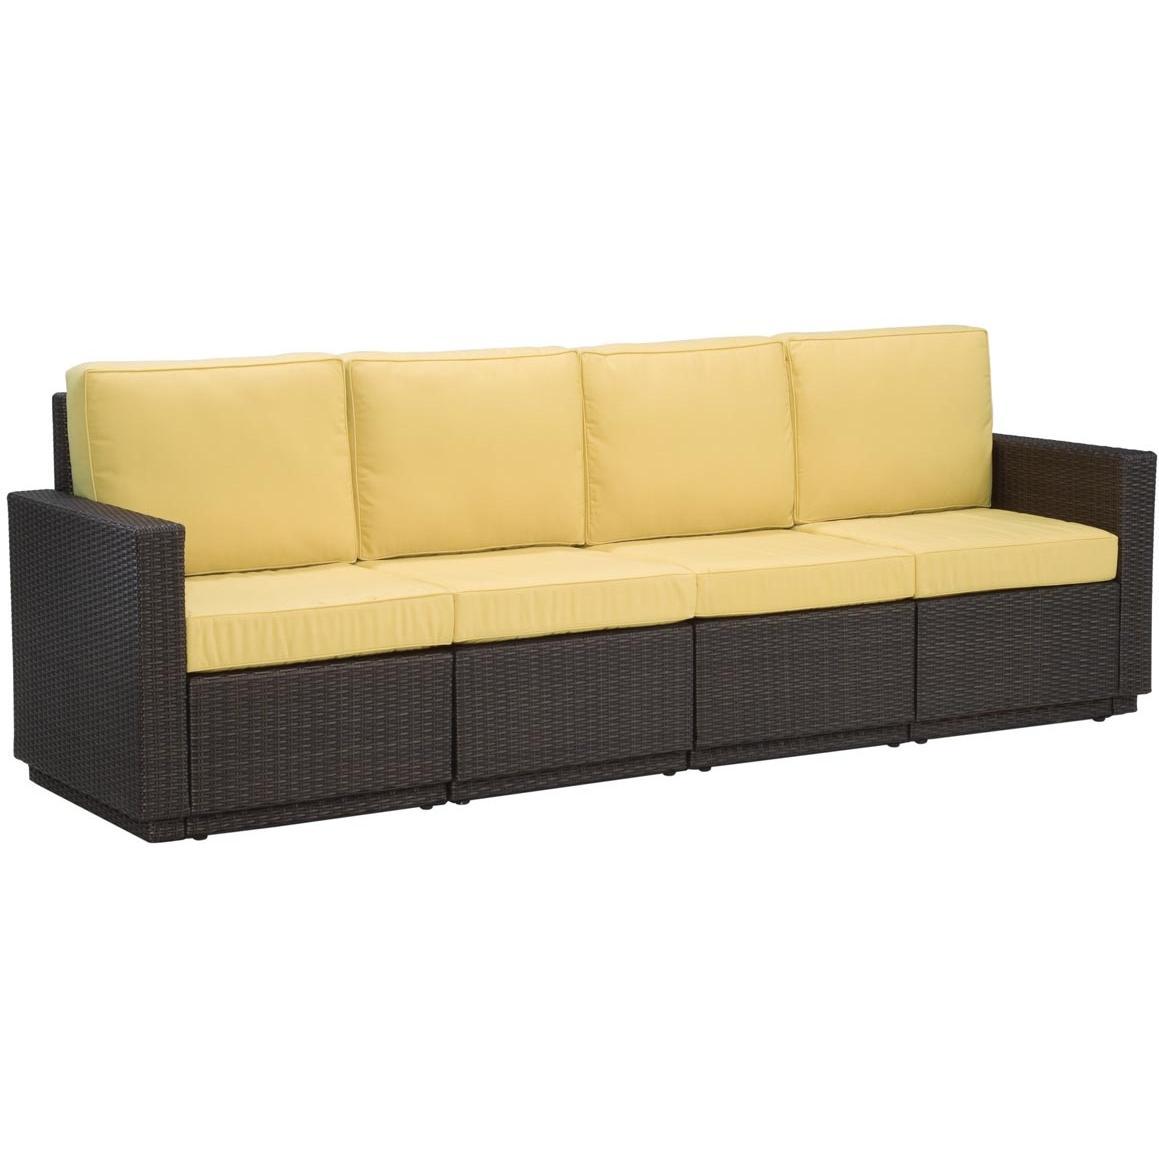 furniture  u0026gt  living room furniture  u0026gt  sofa  u0026gt  4 seat